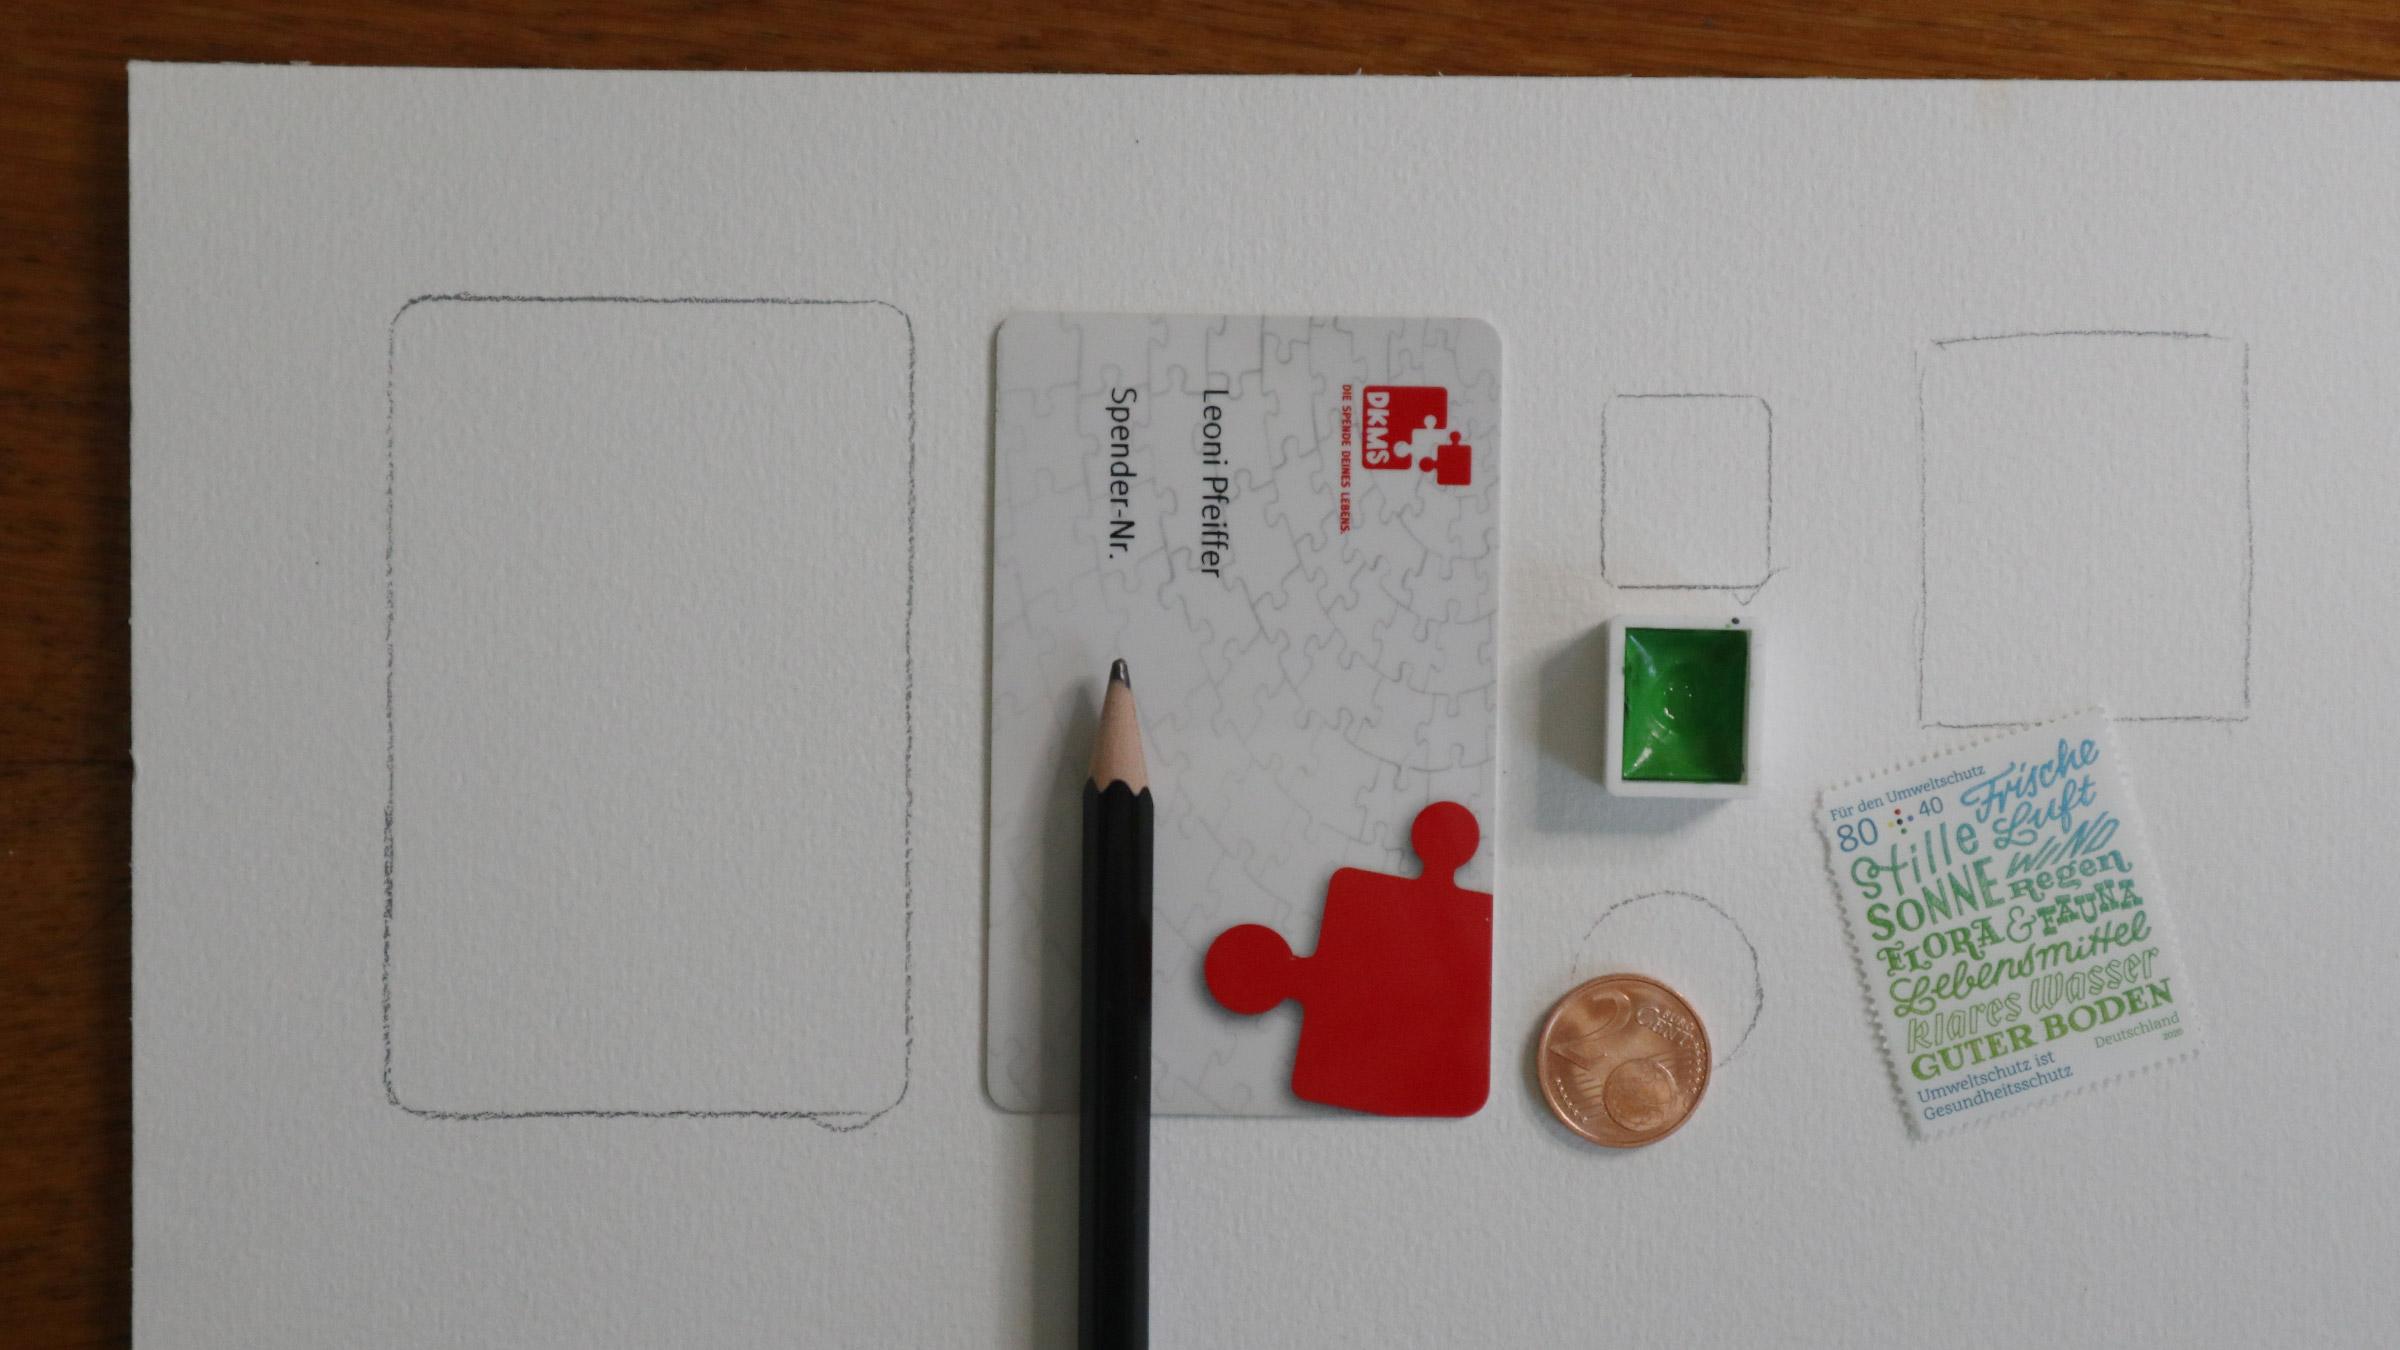 Verschiedene Dinge, die ein kleines Format gut vorgeben können: Eine Scheckkarte, der halbe Napf Aqauarellfarbe, eine Briefmarke oder ein Cent-Stück.